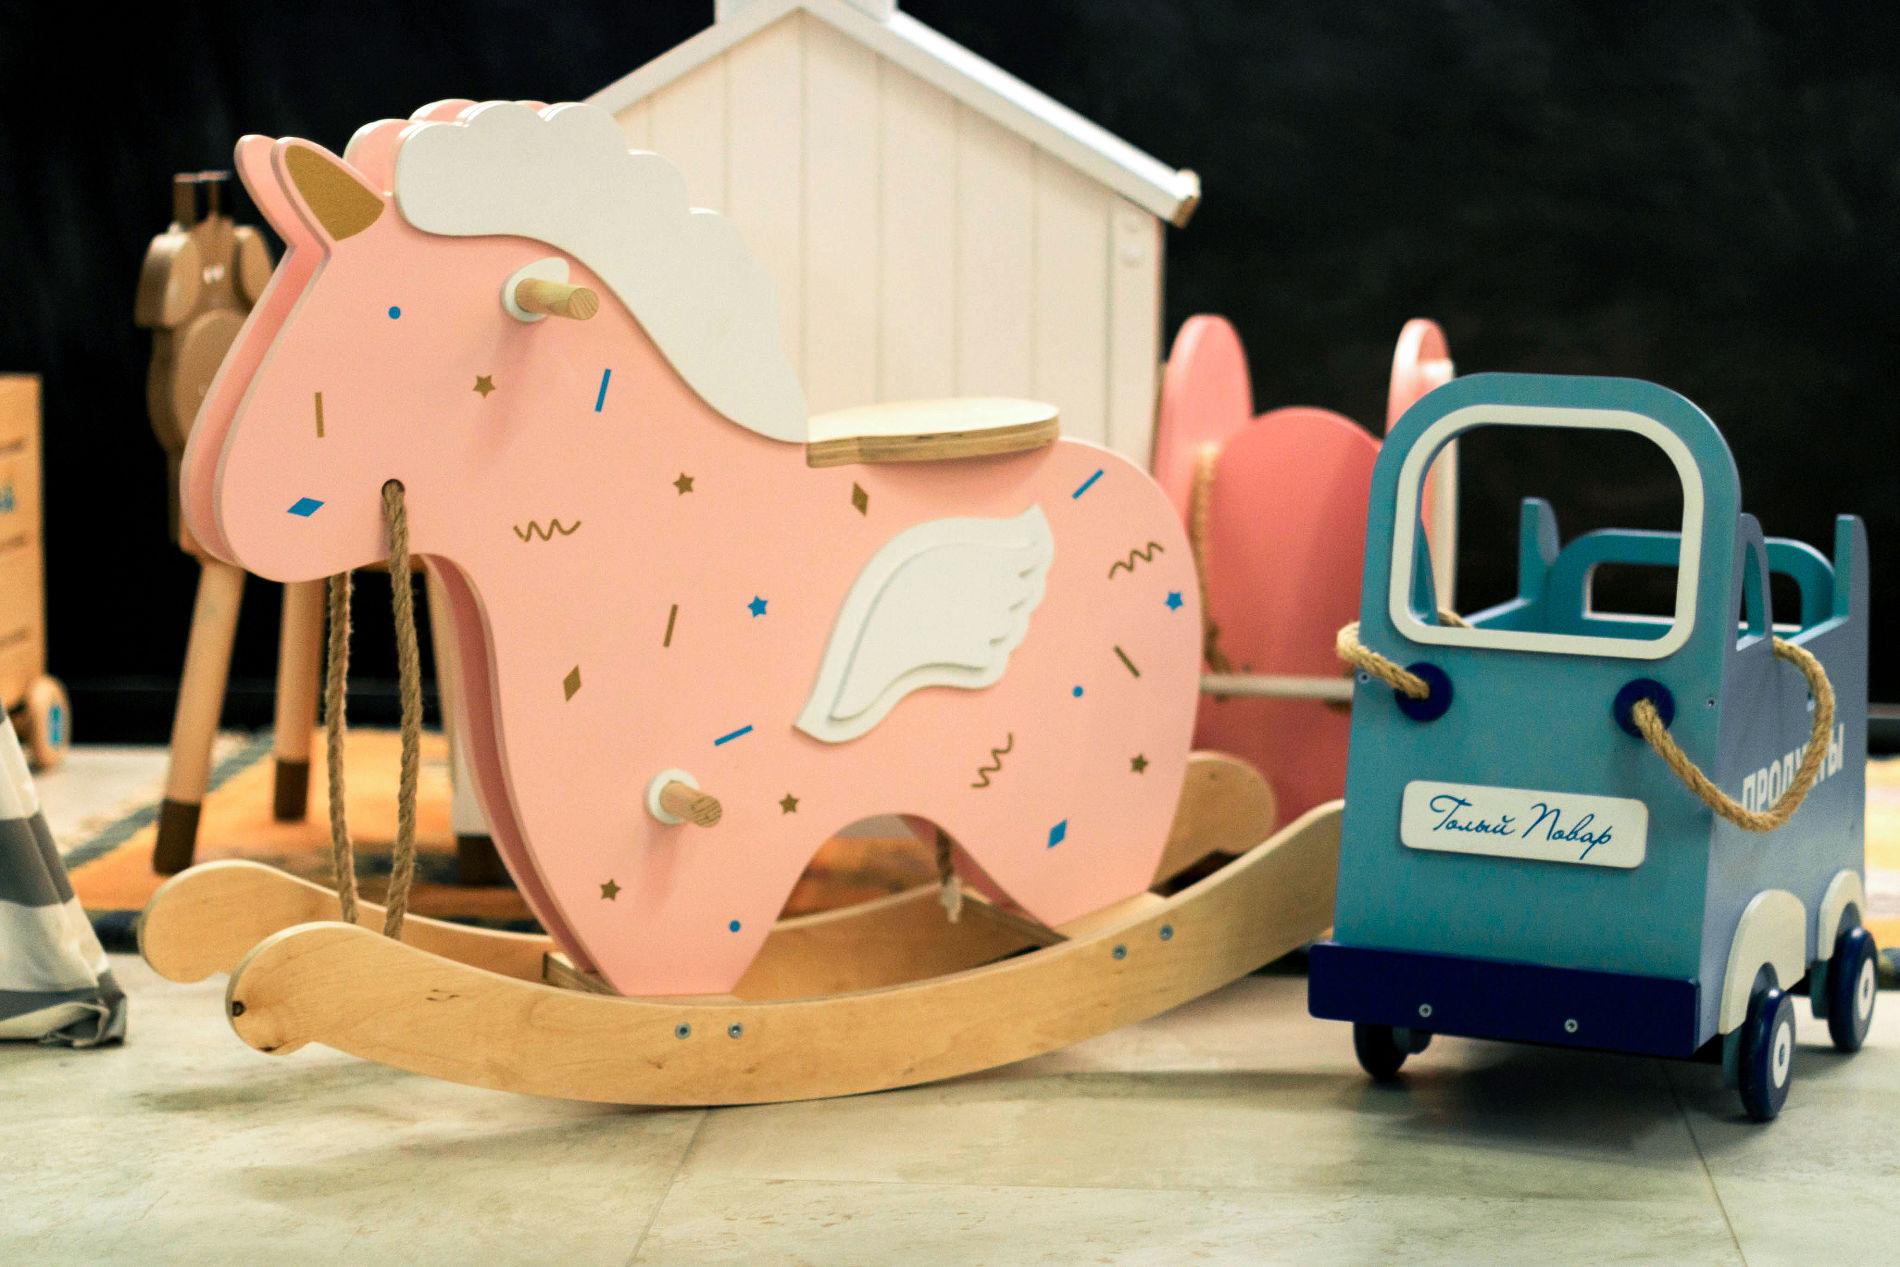 Интерьер, игрушки и все предметы в детской зоне выполнены на заказ из безопасных материалов с гипоаллергенным покрытием ©Фото ресторана «Голый повар»